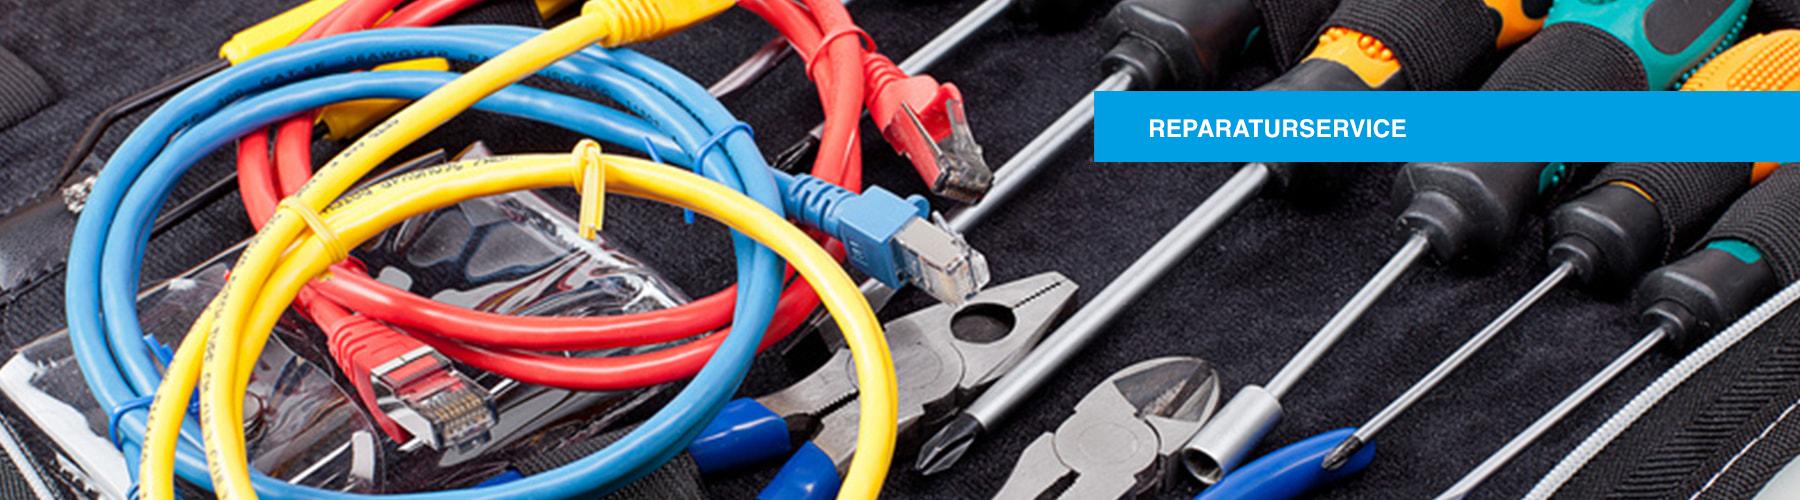 Reparaturservice />